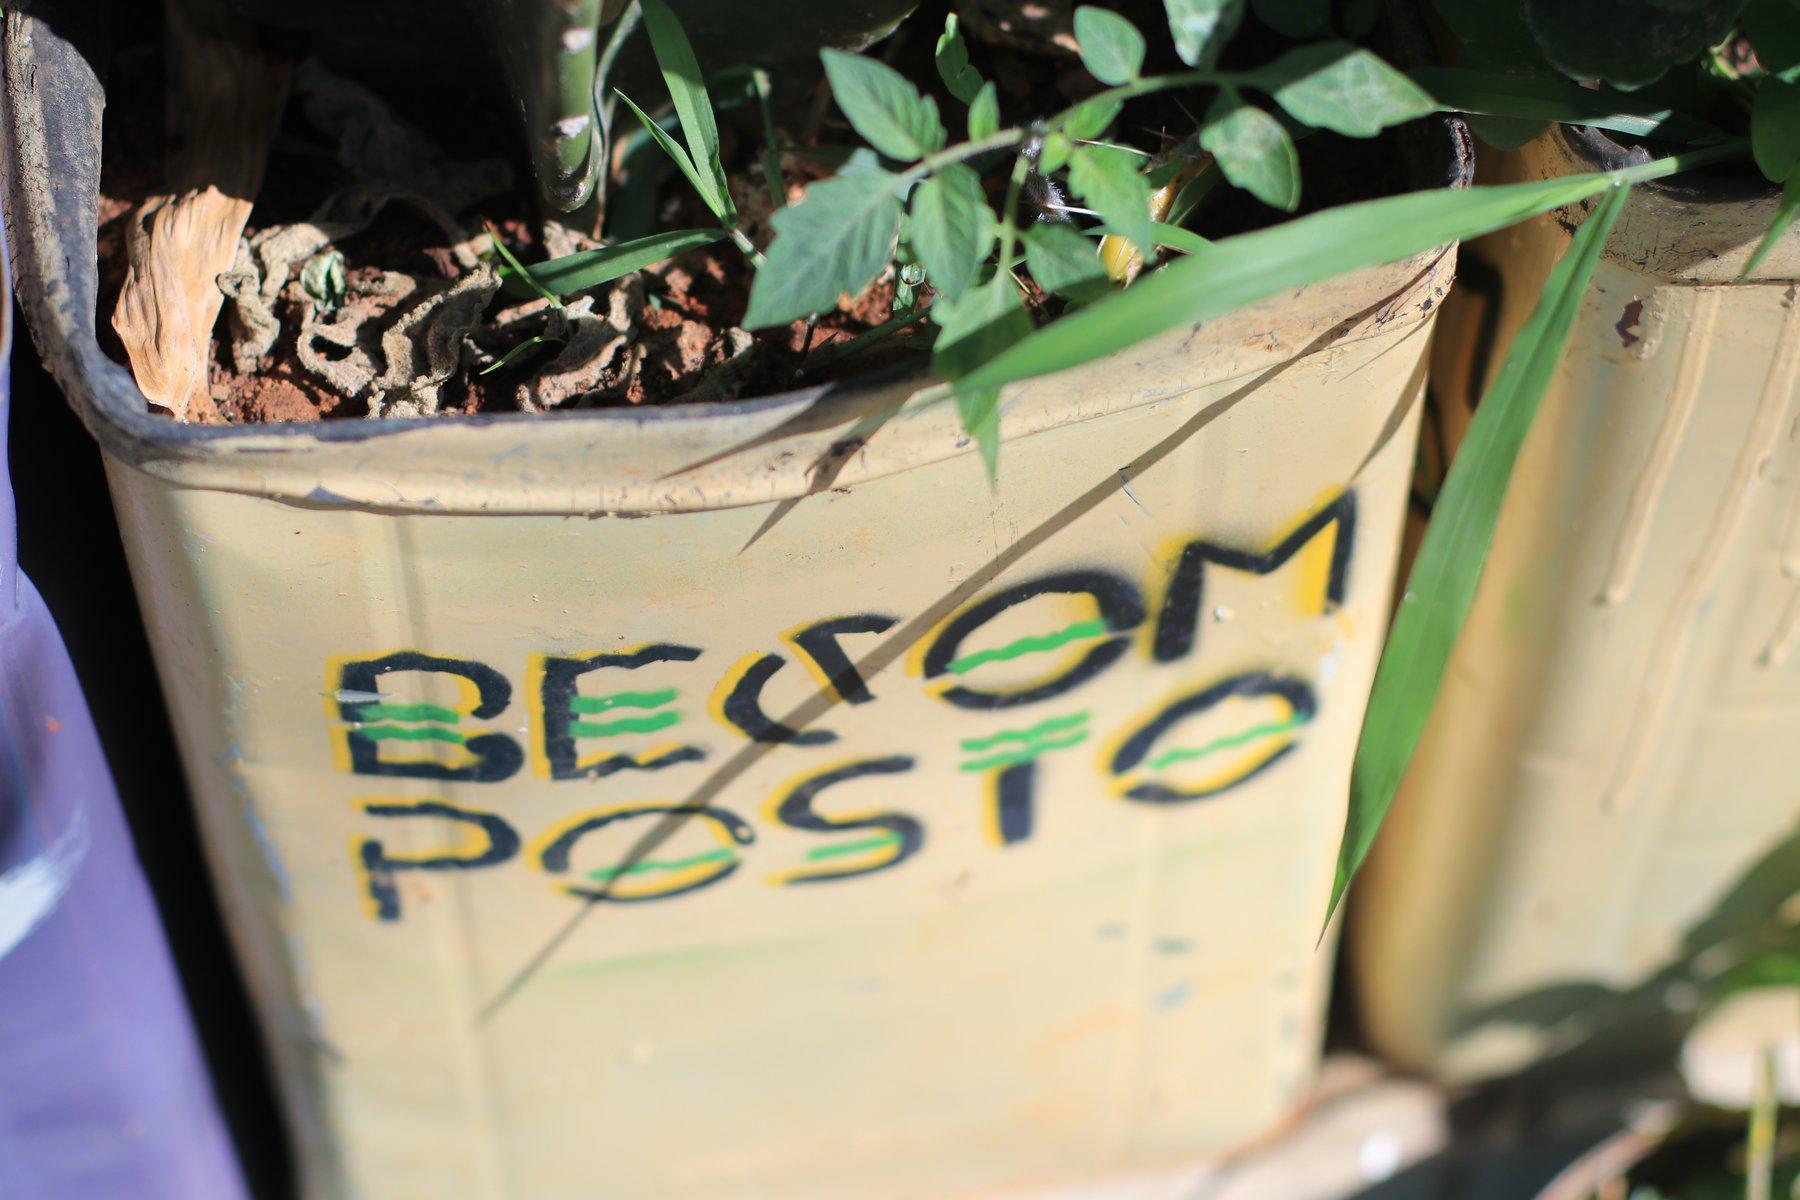 Hortas urbanas desenvolvidas pelo coletivo Becomposto, do movimento MSV. Fotos: Webert da Cruz